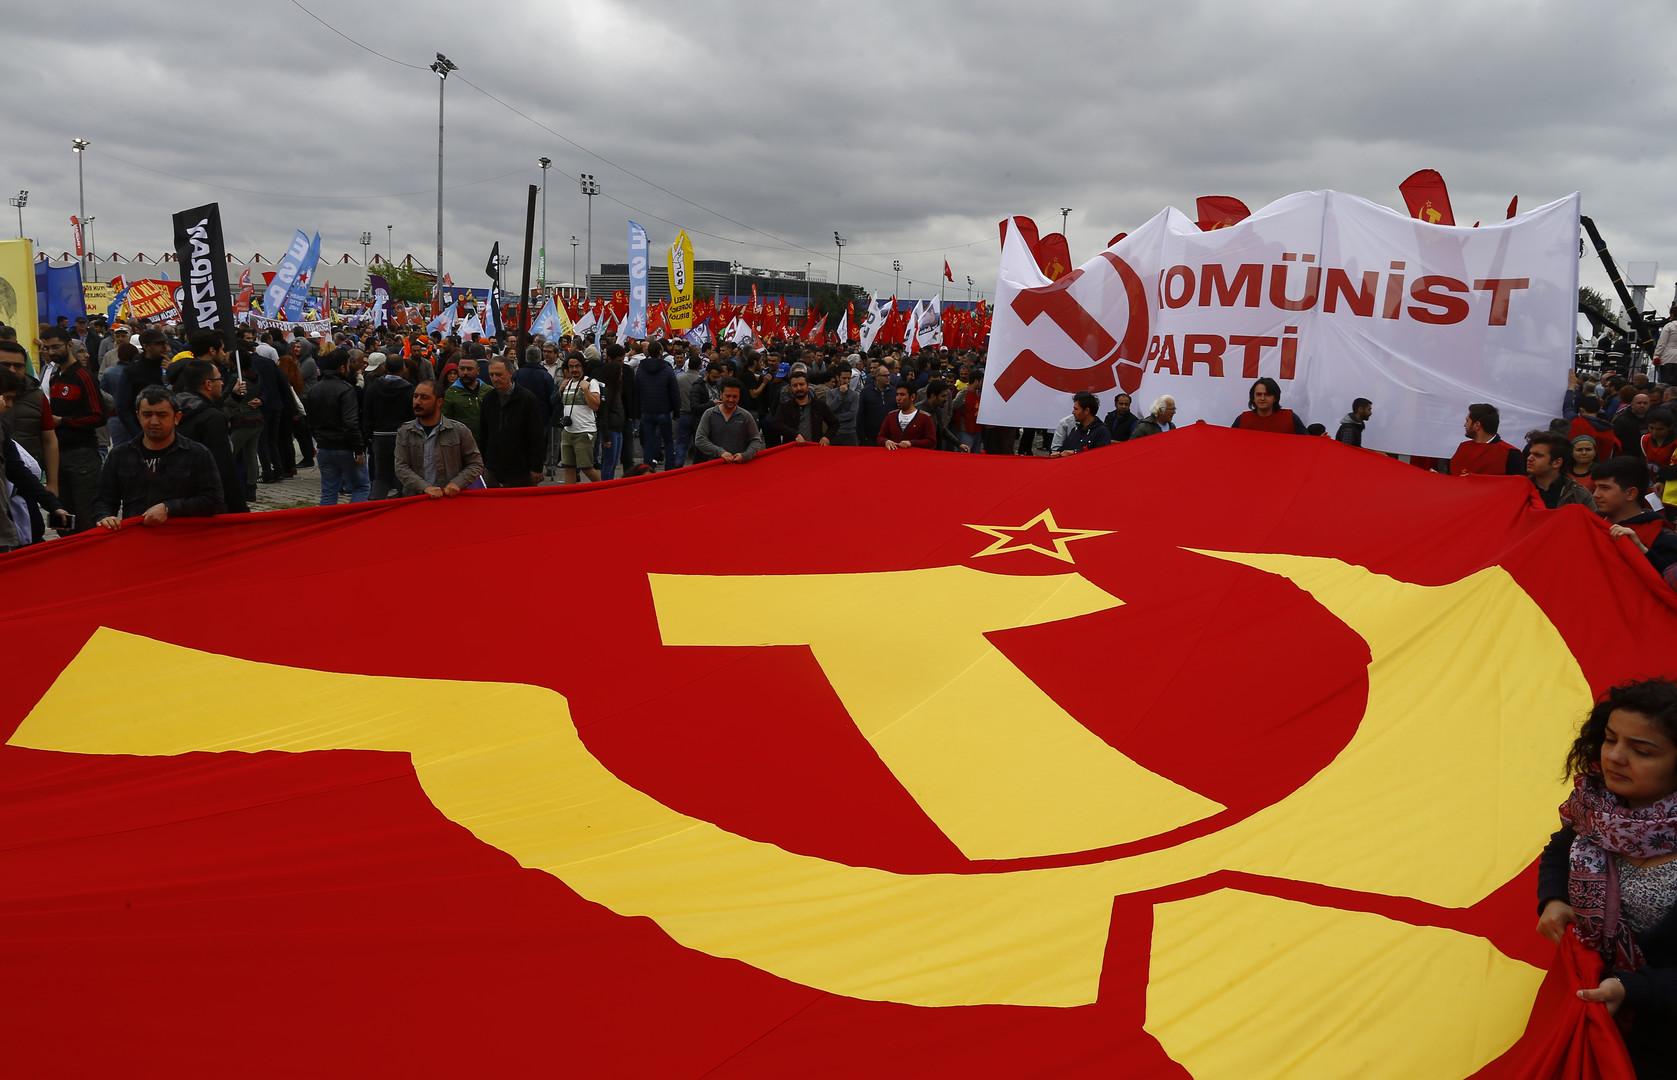 Mitglieder einer kommunistischen Partei hinter der Fahne mit Hammer und Sichel in Istanbul, Türkei. Bei den Auseinandersetzungen mit Sicherheitskräften wurde ein Mann von einem Wasserwerfer getötet.